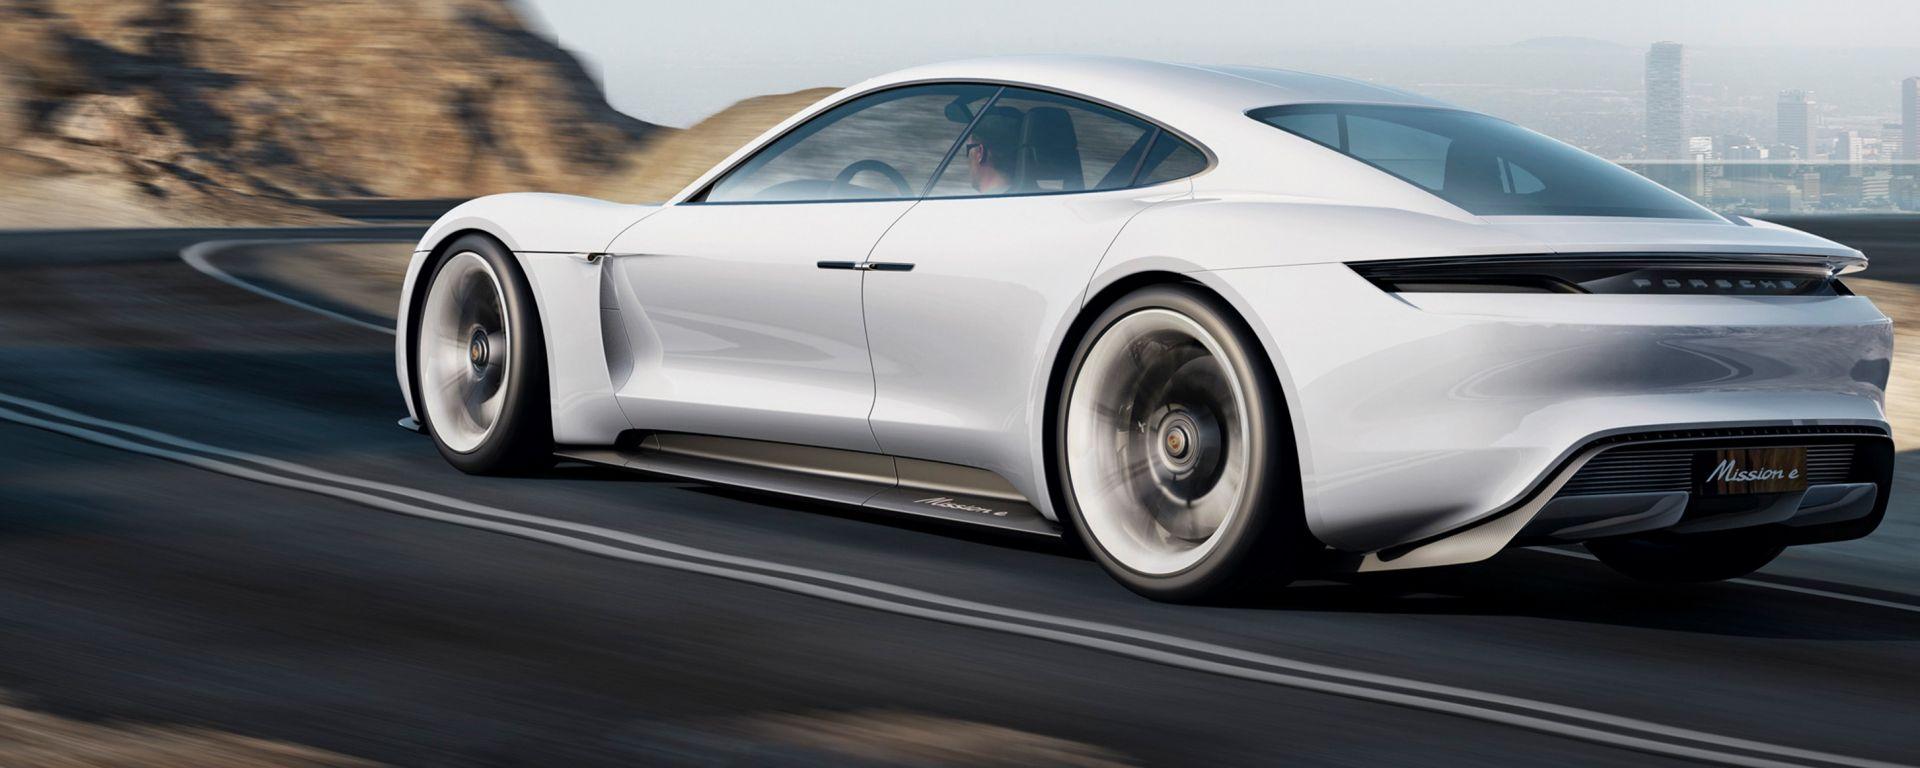 Porsche Taycan, la prima Porsche a propulsione elettrica